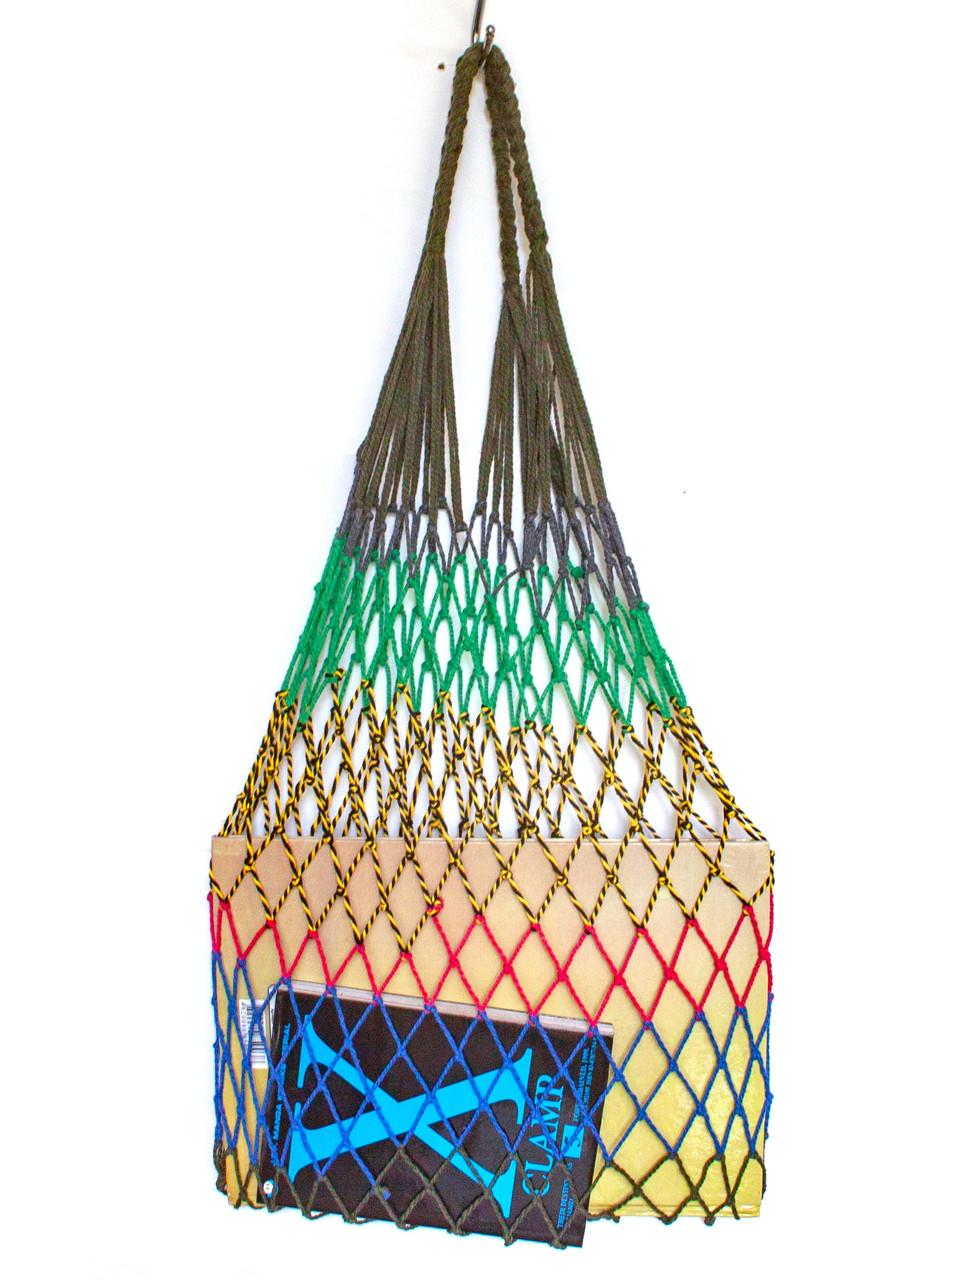 Шоппер - Эко сумка -  Эксклюзивная сумка - Шопер сумка -  Французская сумка